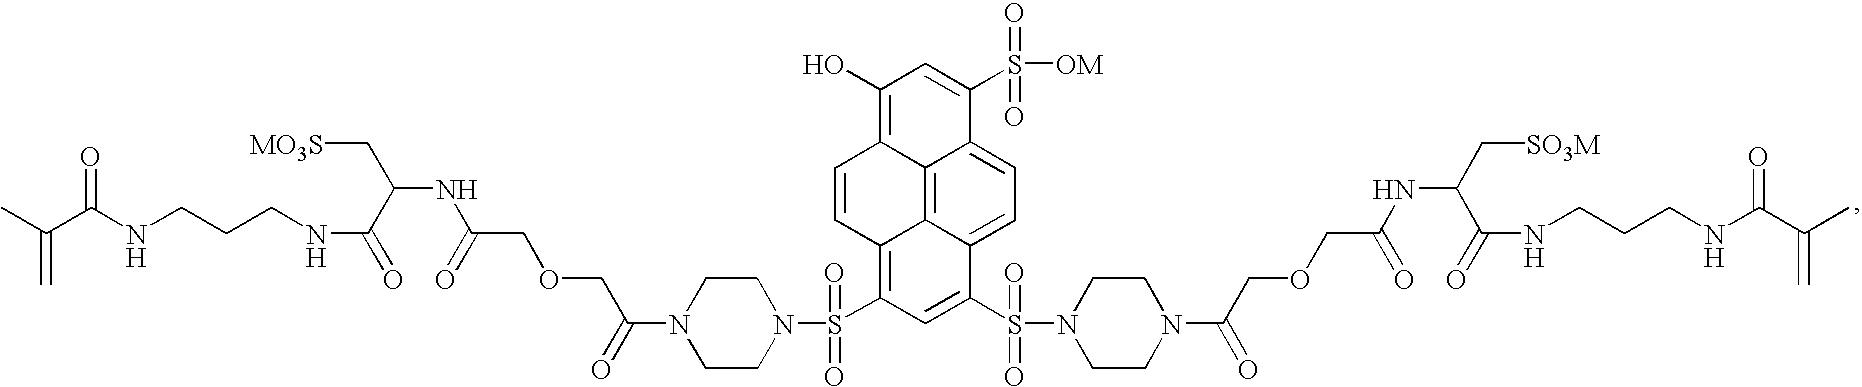 Figure US20090061528A1-20090305-C00040